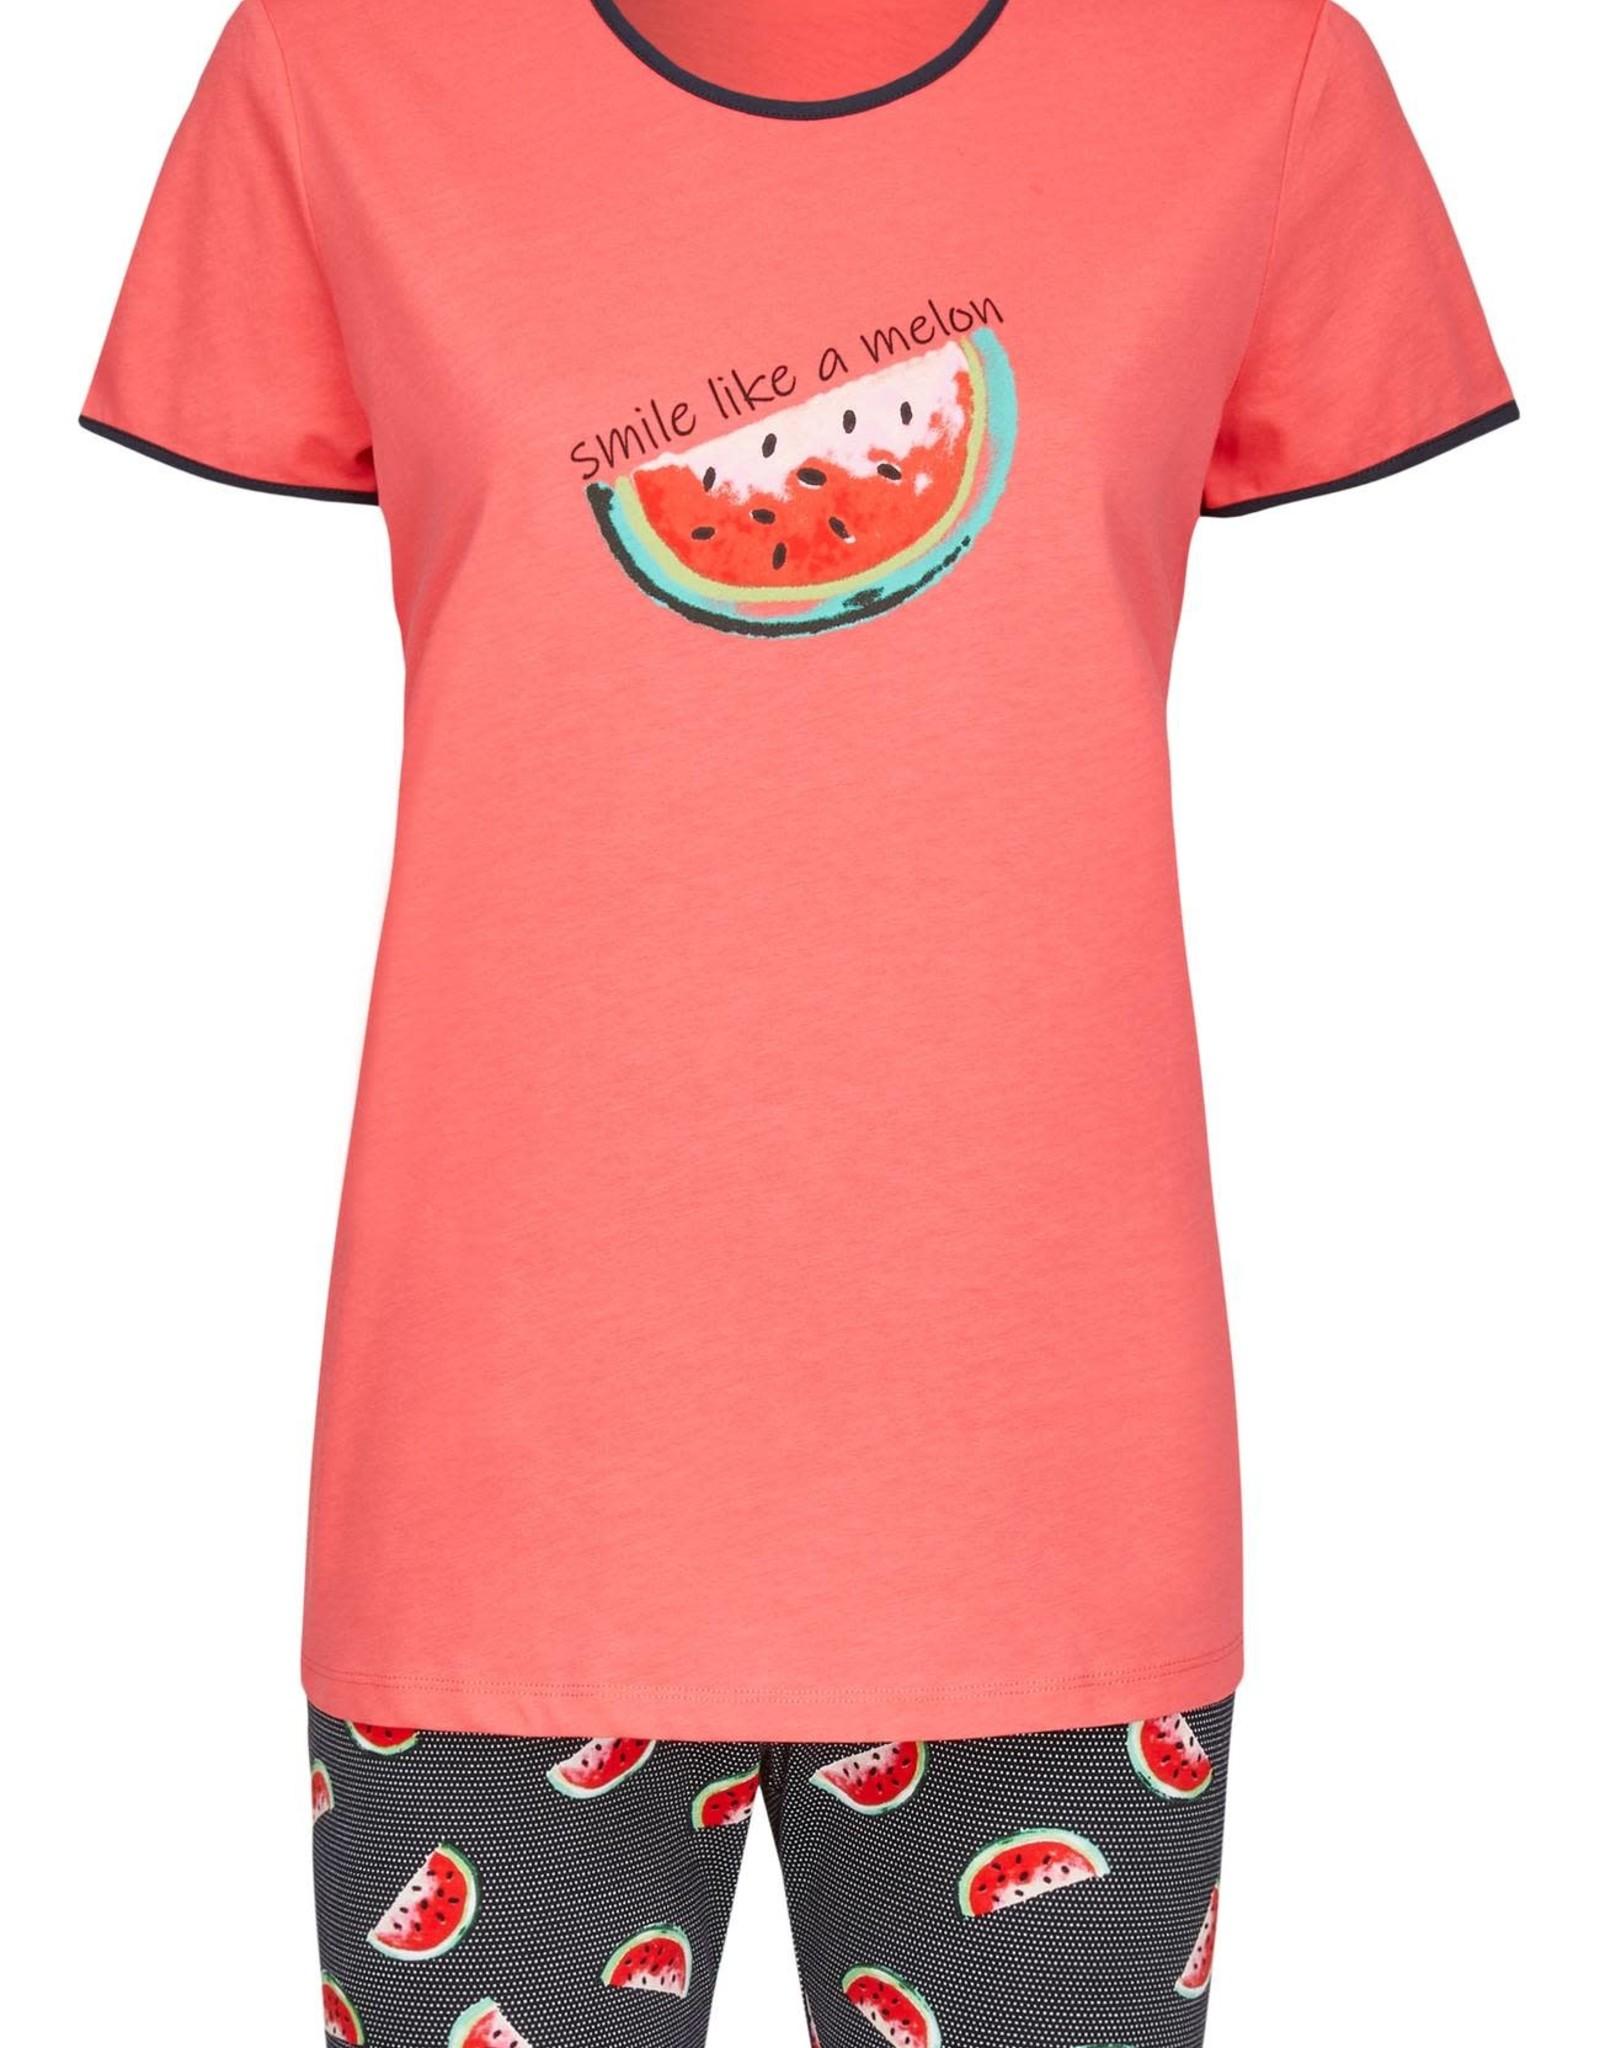 Ringella Ringella pyjama met short, kers